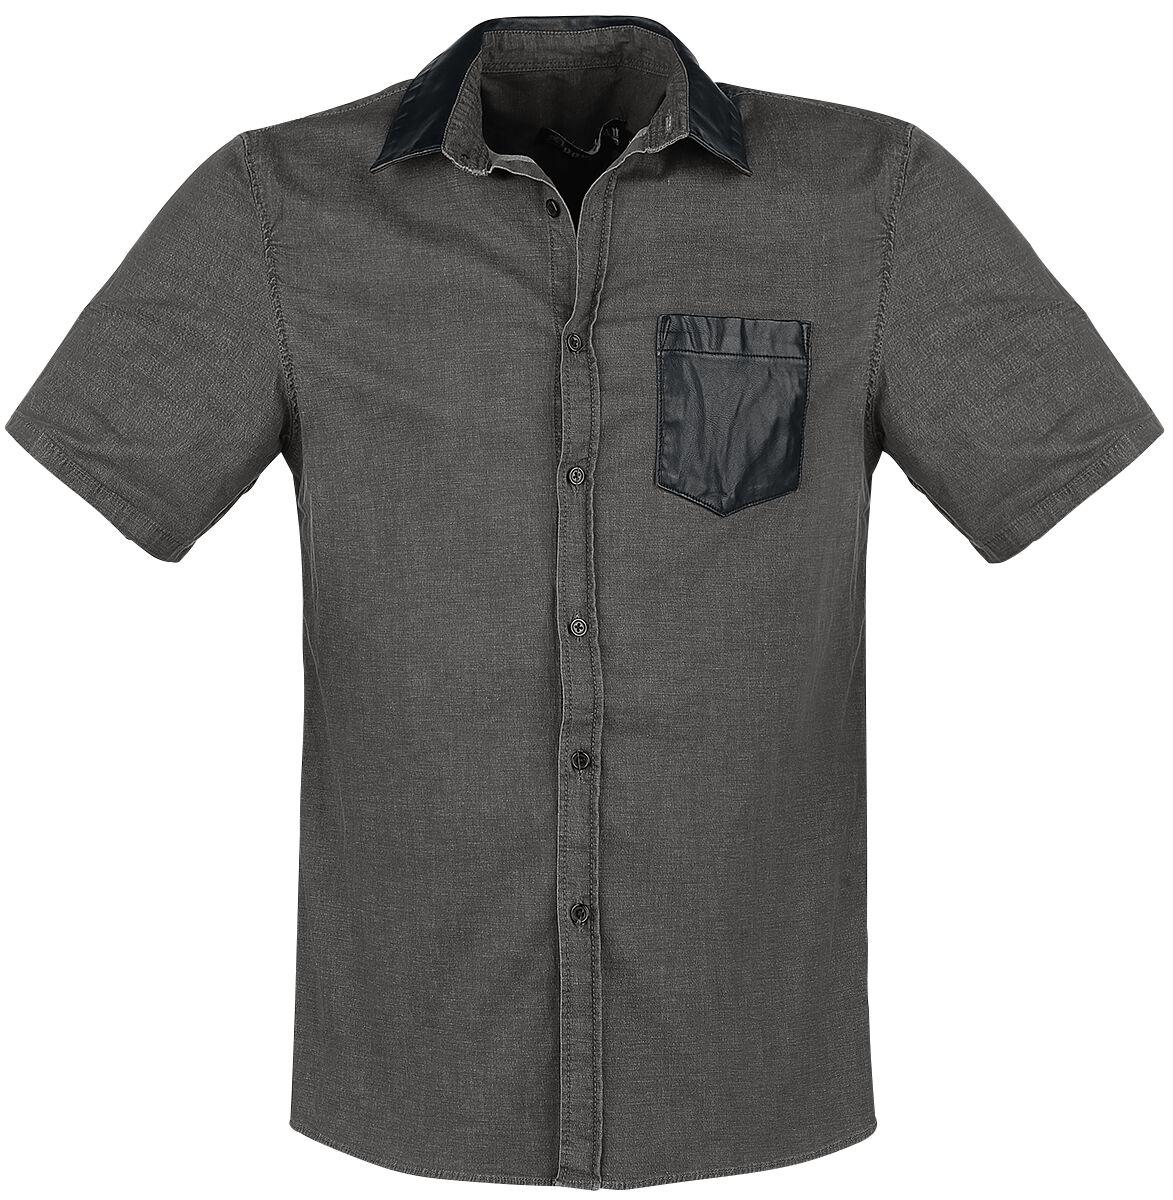 Marki - Koszule z krótkim rękawem - Workershirt Doomsday Leather Shirt Workershirt szary - 342982